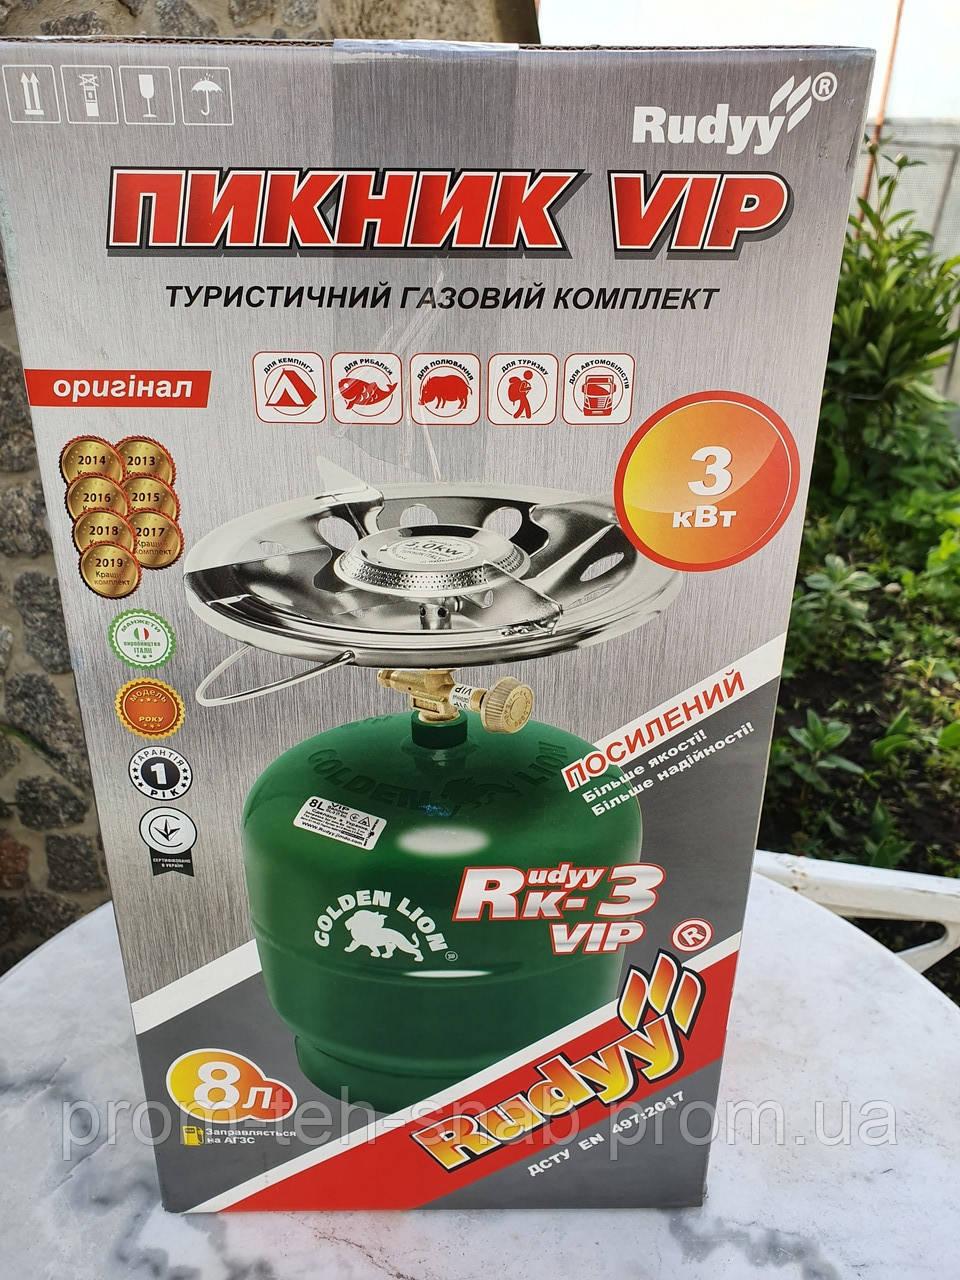 Газовый комплект Rudyy Пикник Vip Rk-3 8л